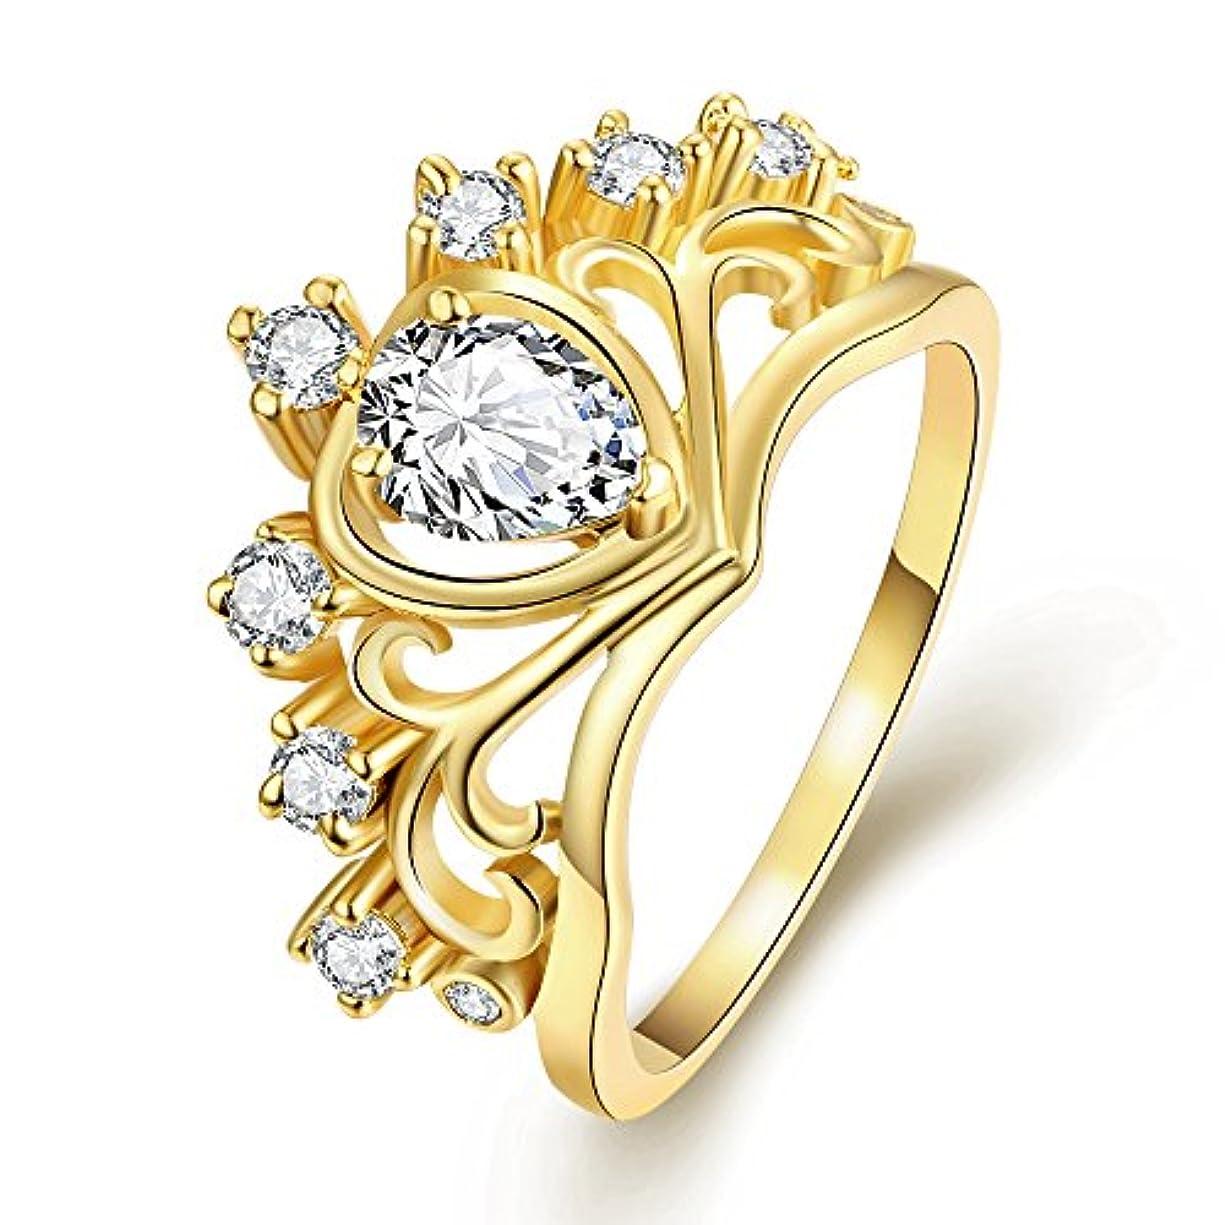 はっきりとレーニン主義スペア18k日韓が売れる おしゃれハート型ゴールドジルコン指輪 美しいクラウン結婚指輪 ウエディングドレスアクセサリー 輝く水晶の指輪 記念日のプレゼント ルギー防止